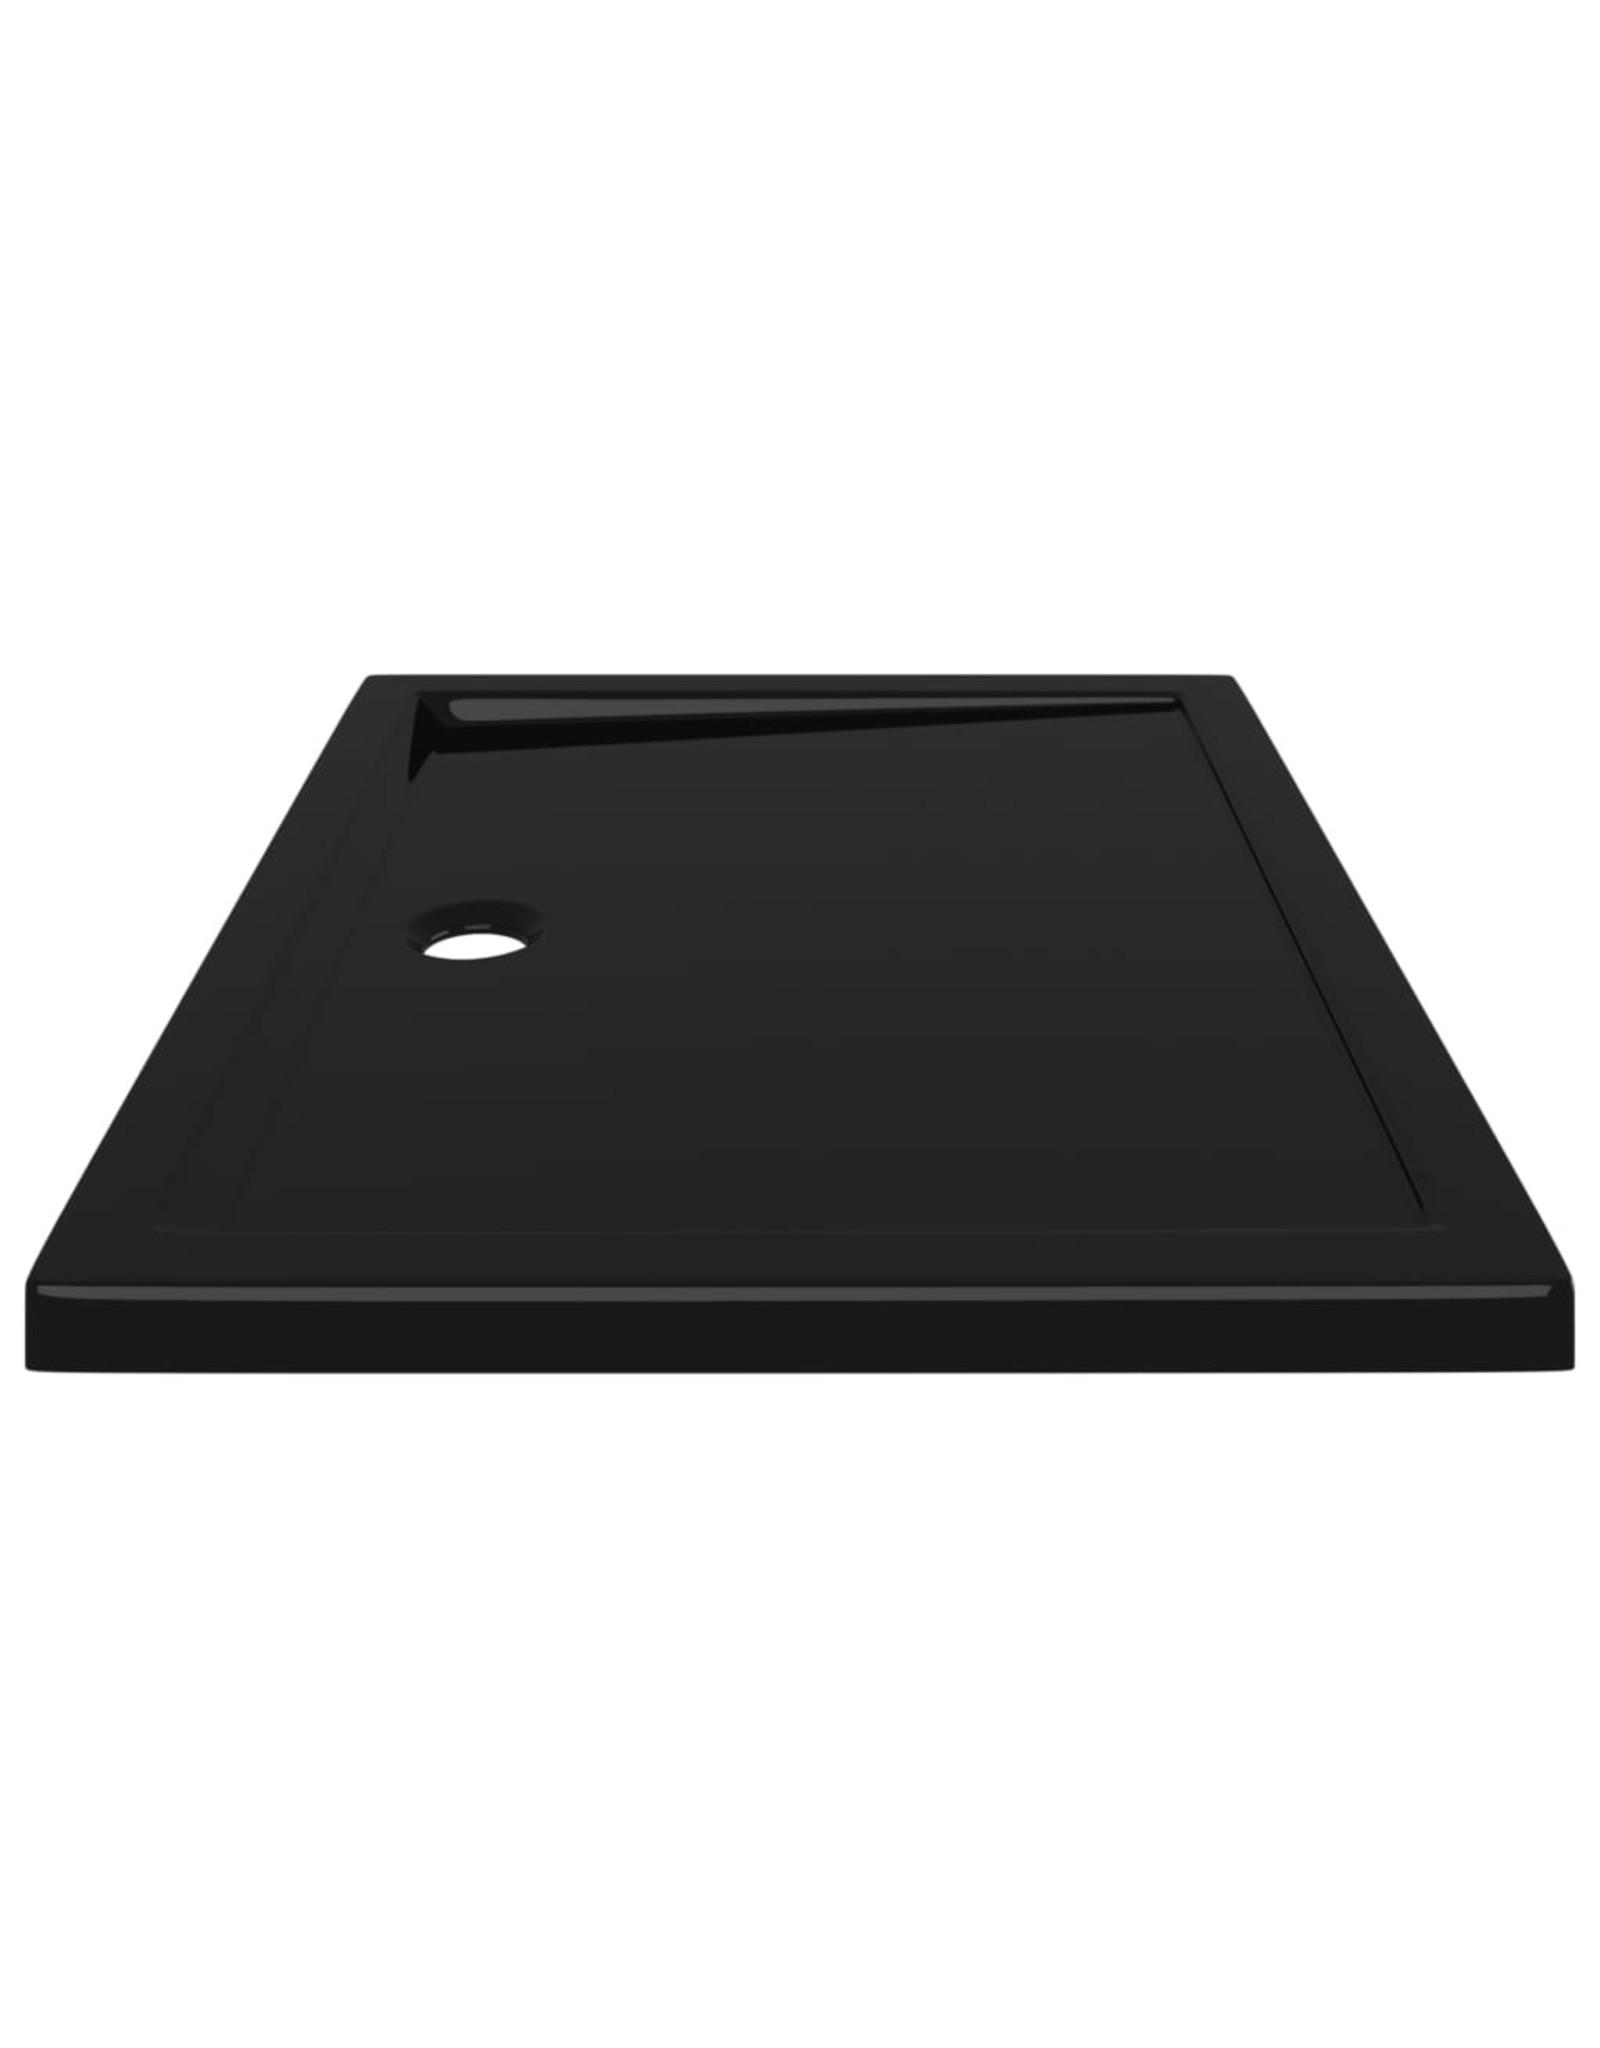 Douchebak rechthoekig 80x100 cm ABS zwart